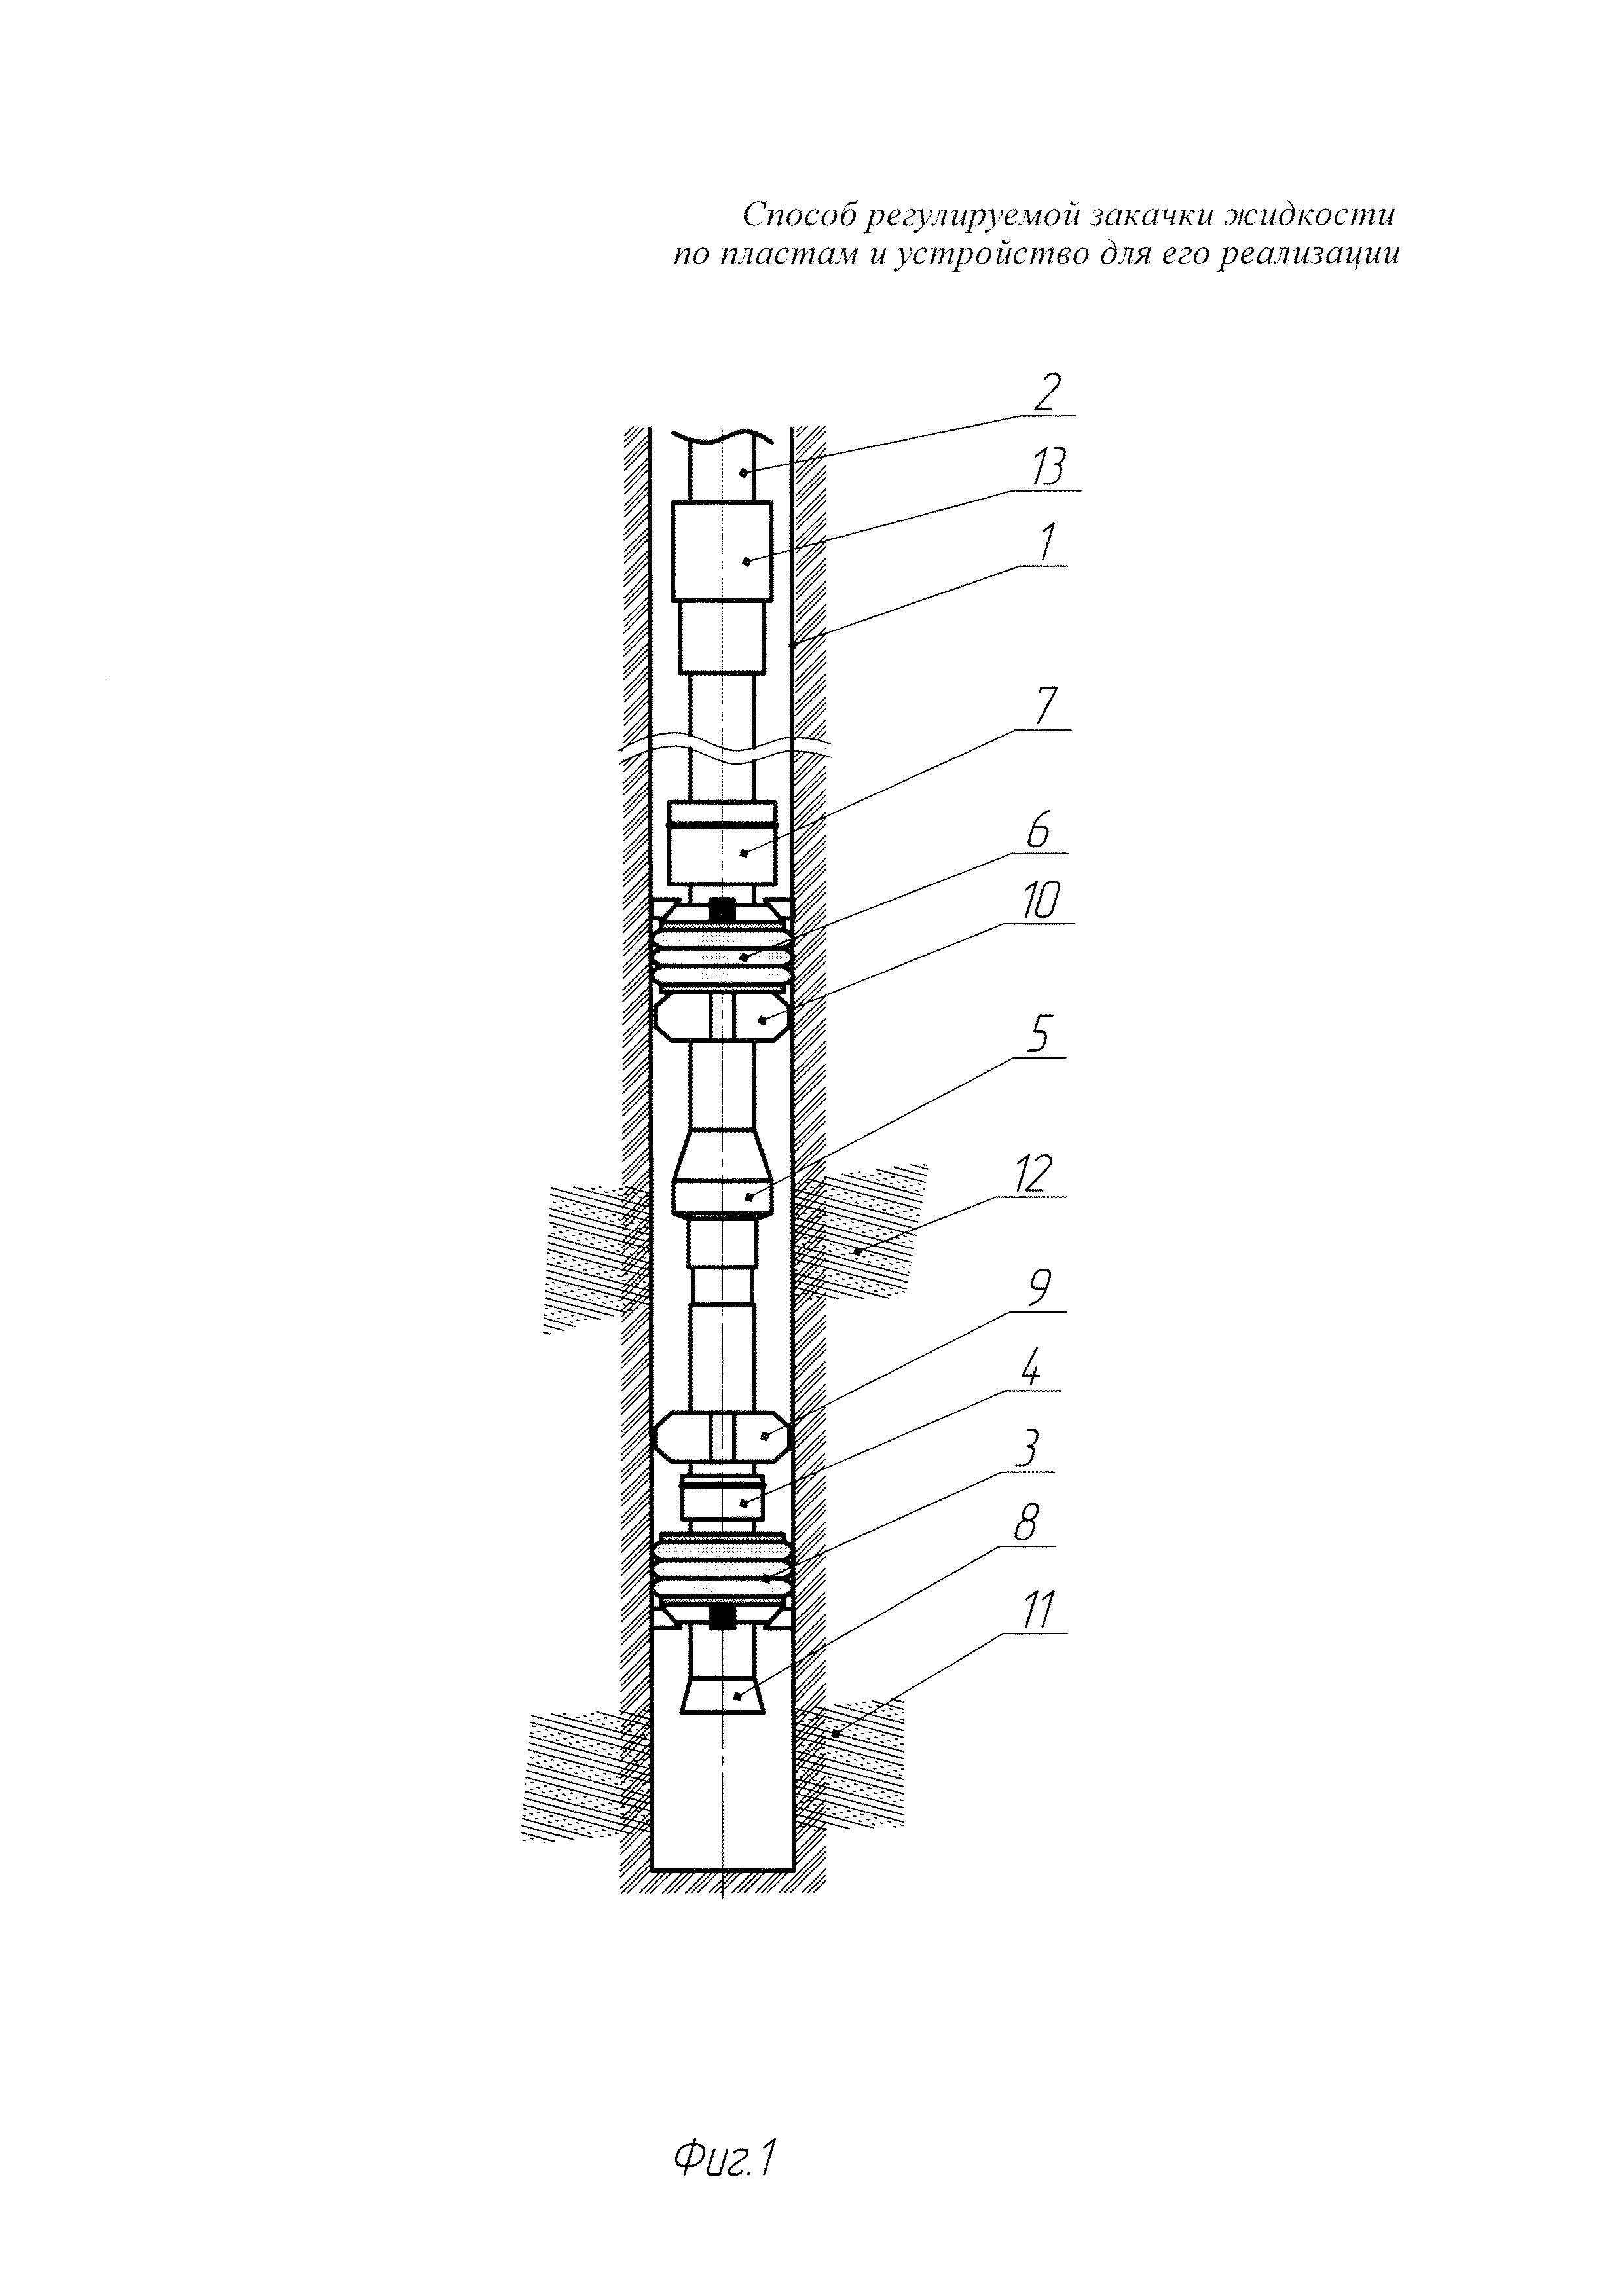 Способ регулируемой закачки жидкости по пластам и устройство для его реализации